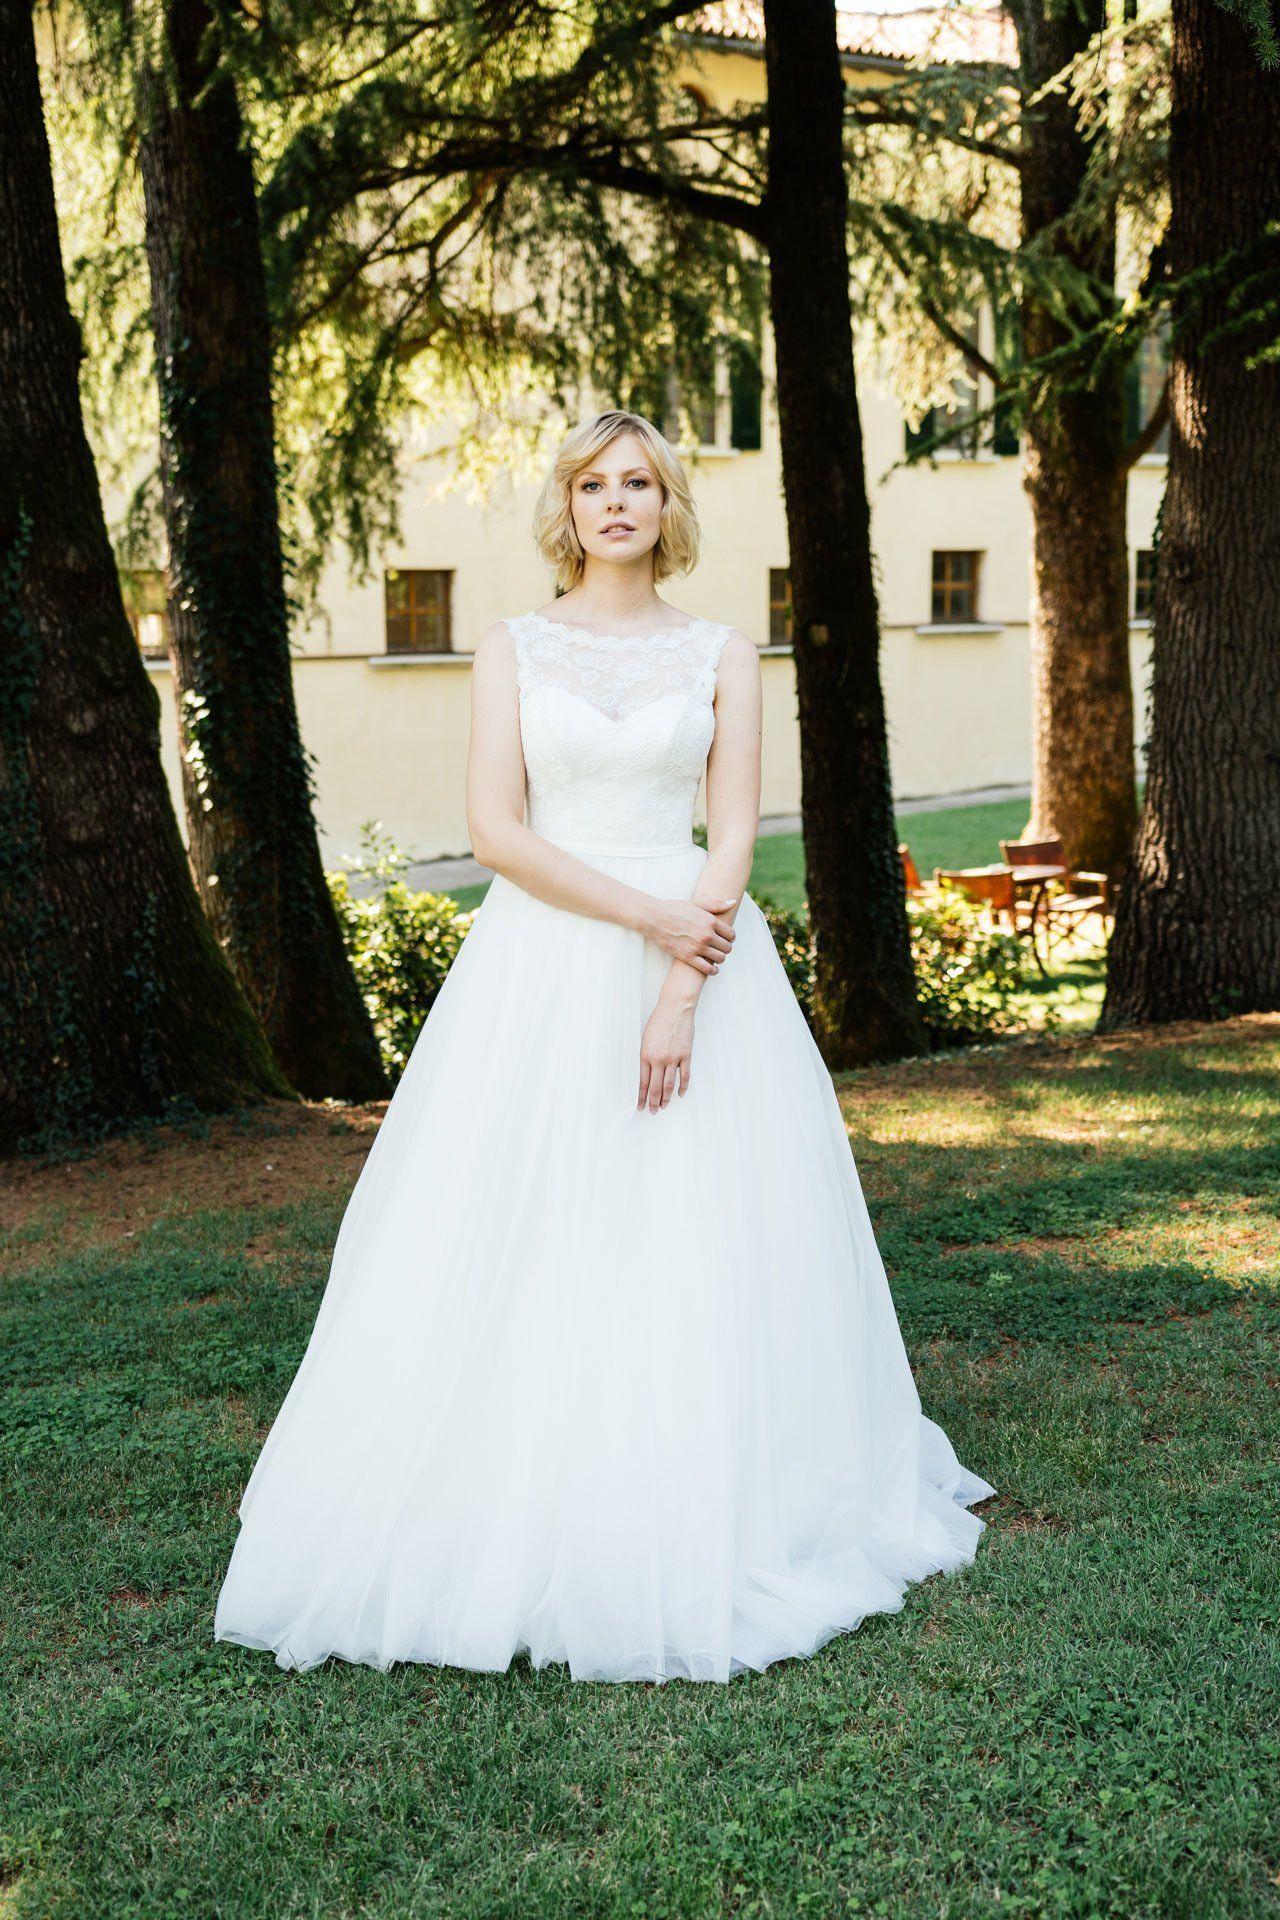 Pin von Lenka auf future wedding day | Pinterest | Duchesse ...